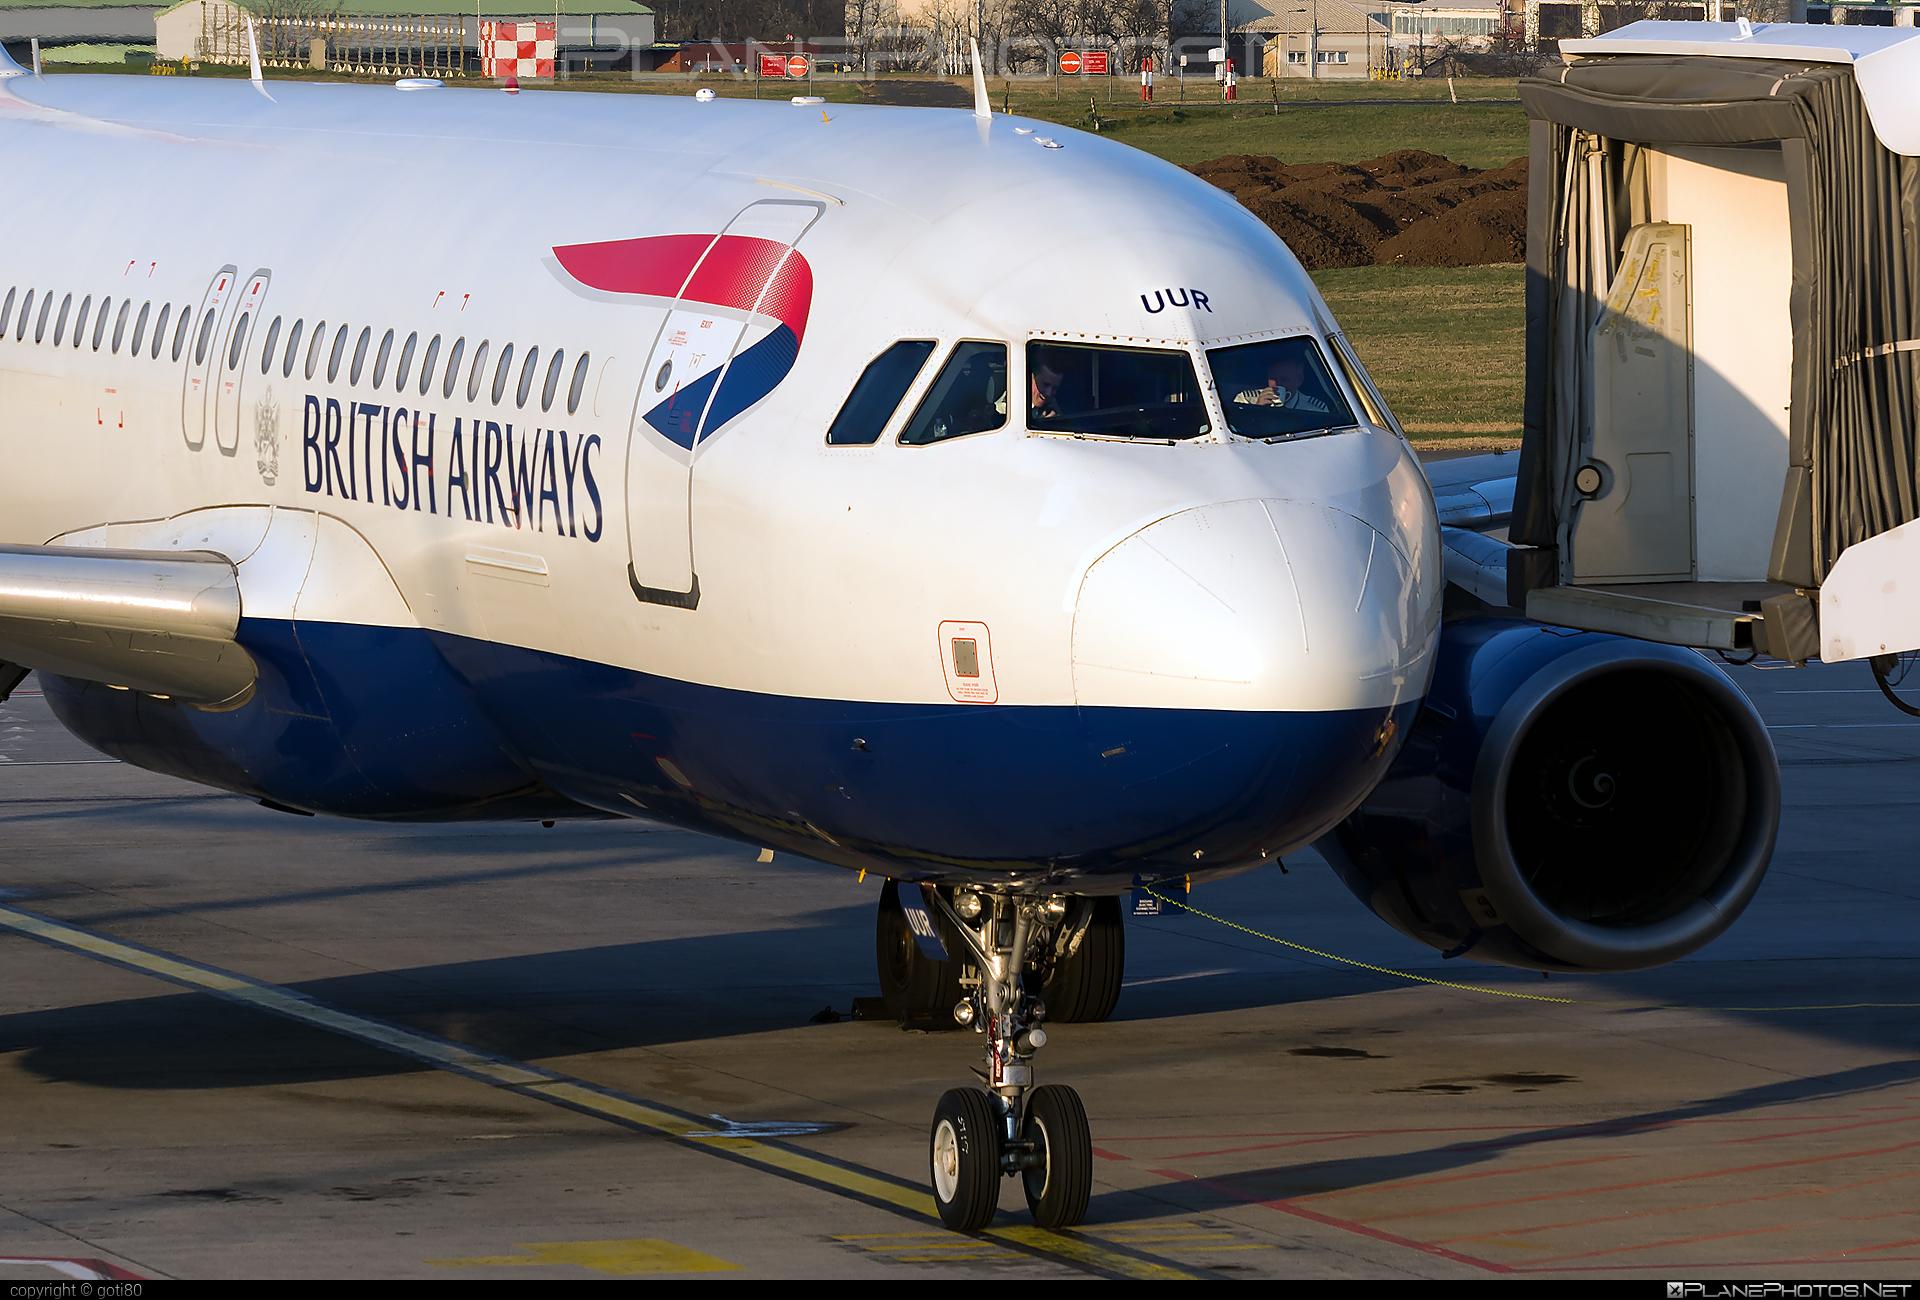 British Airways Airbus A320-232 - G-EUUR #a320 #a320family #airbus #airbus320 #britishairways